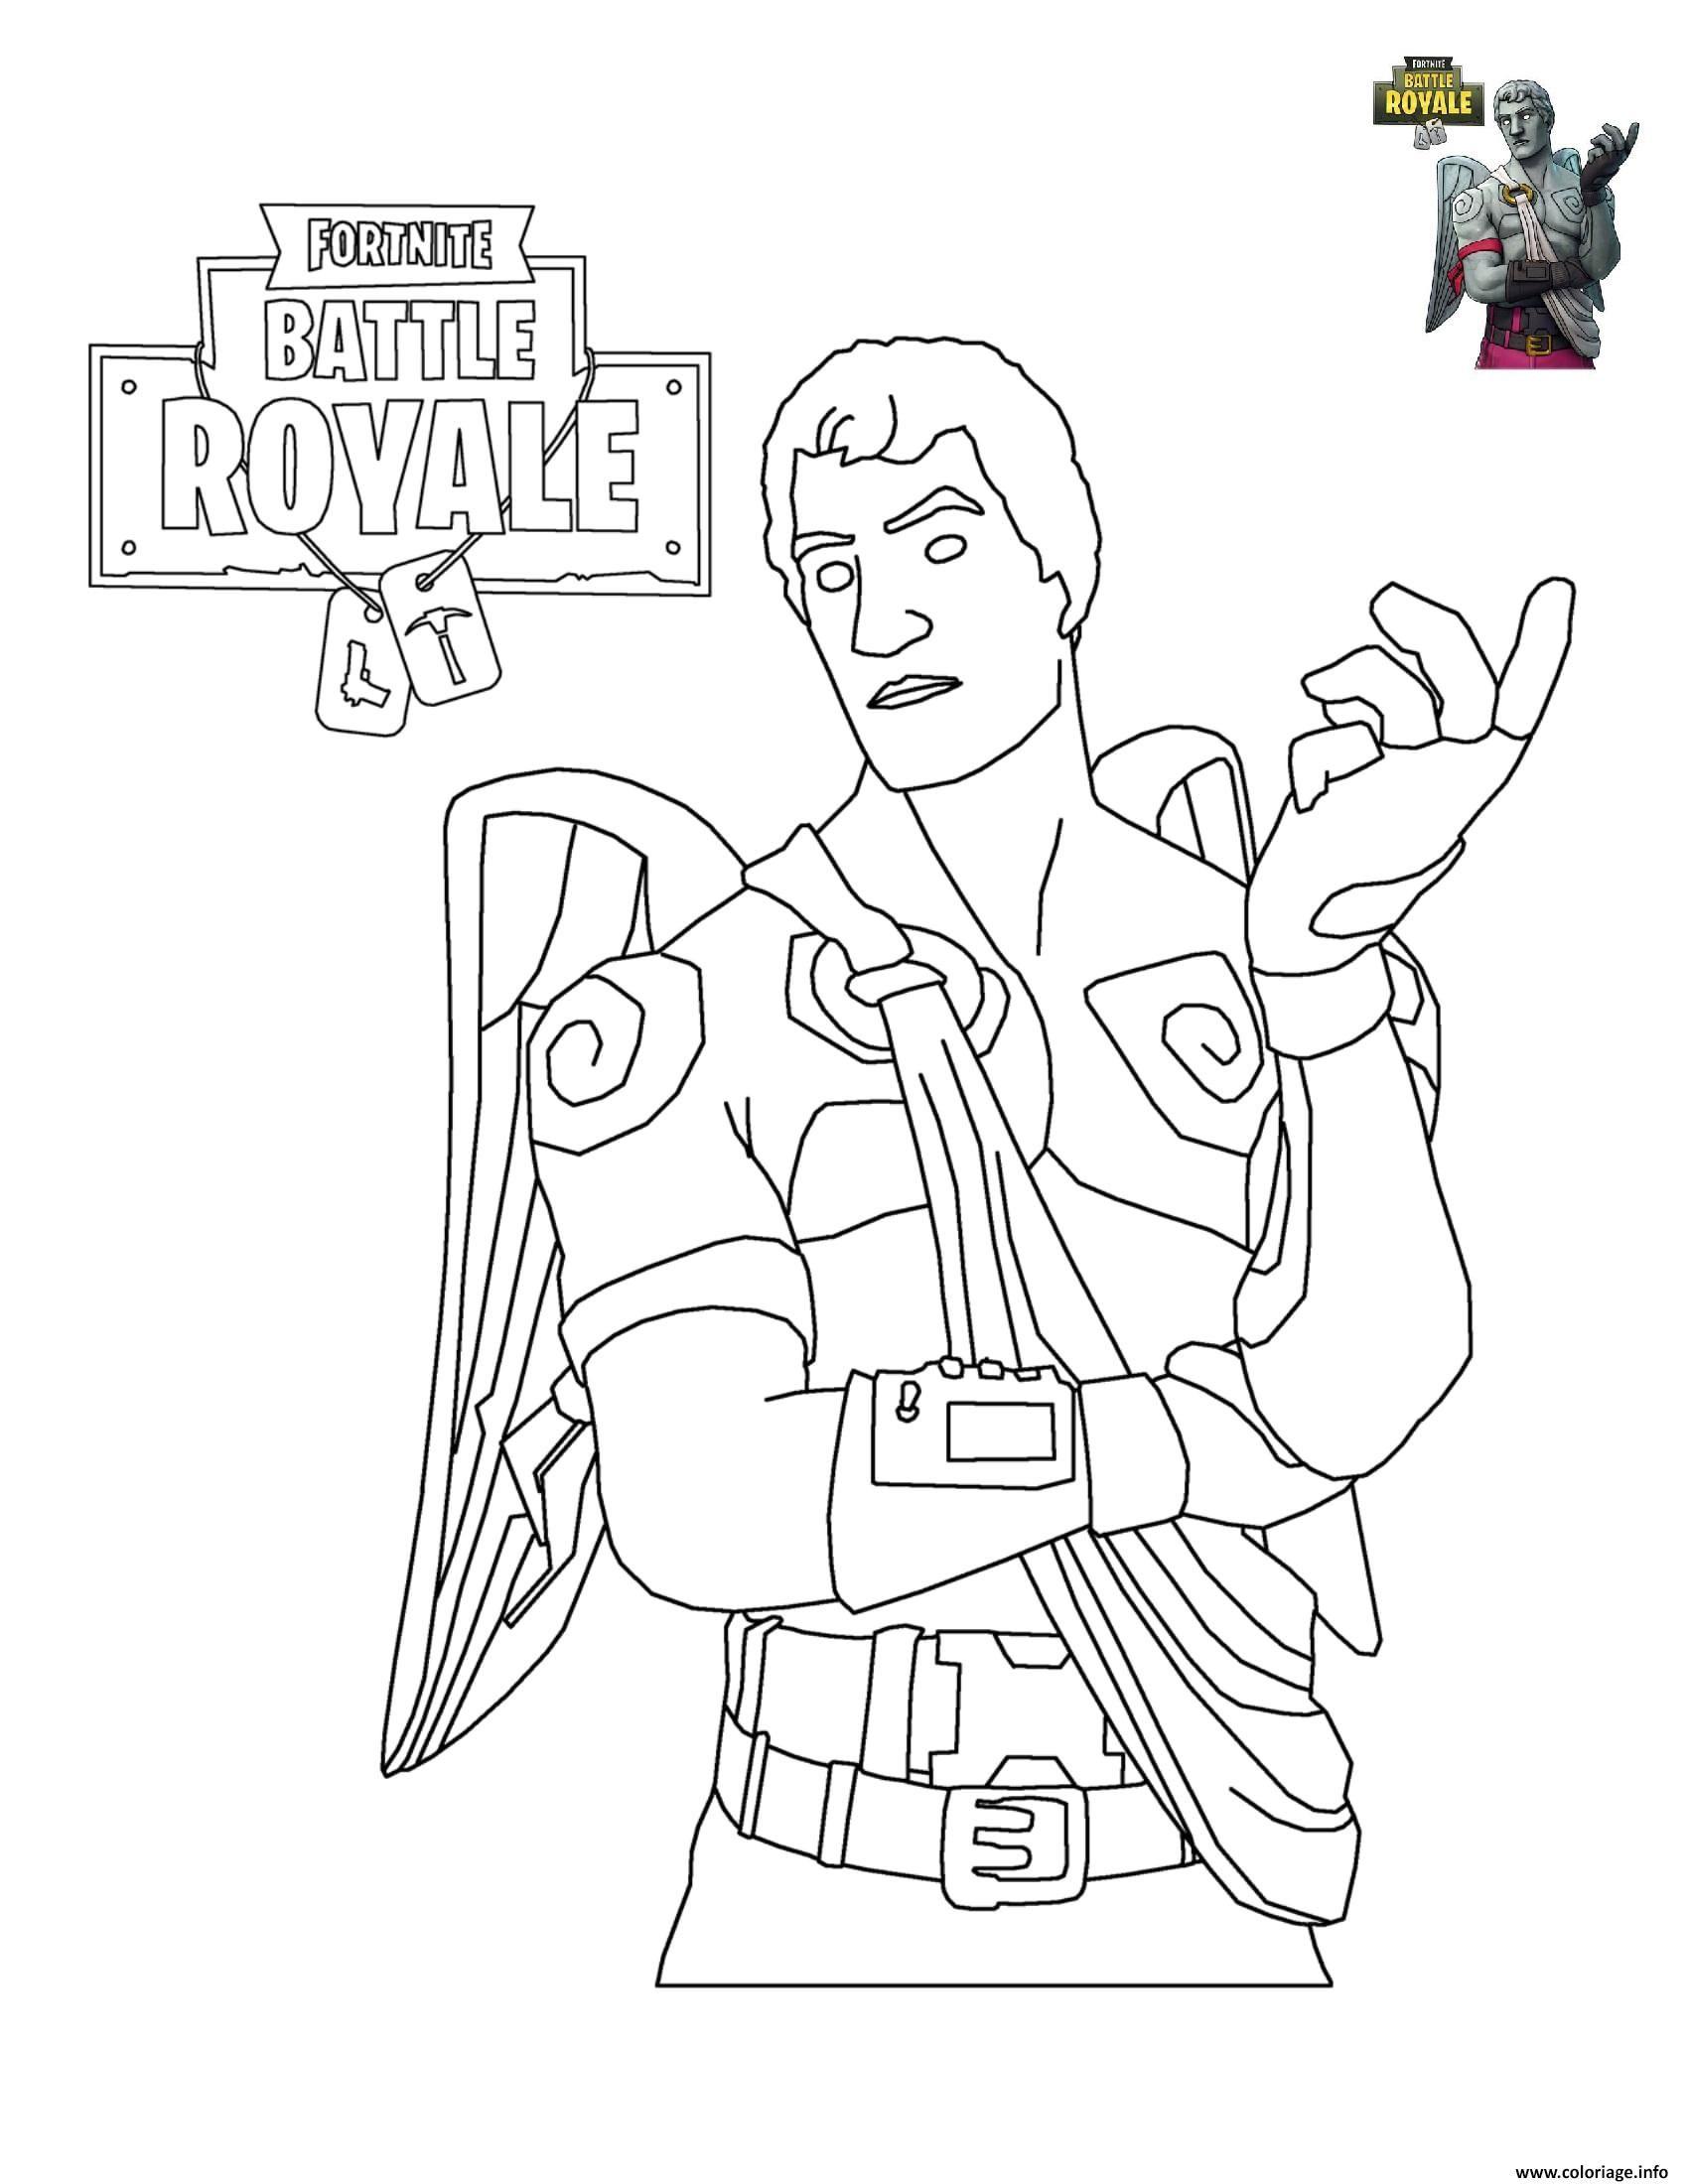 Coloriage Fortnite Battle Royale Personnage 6 À Imprimer tout Coloriage A Imprimer Gratuit